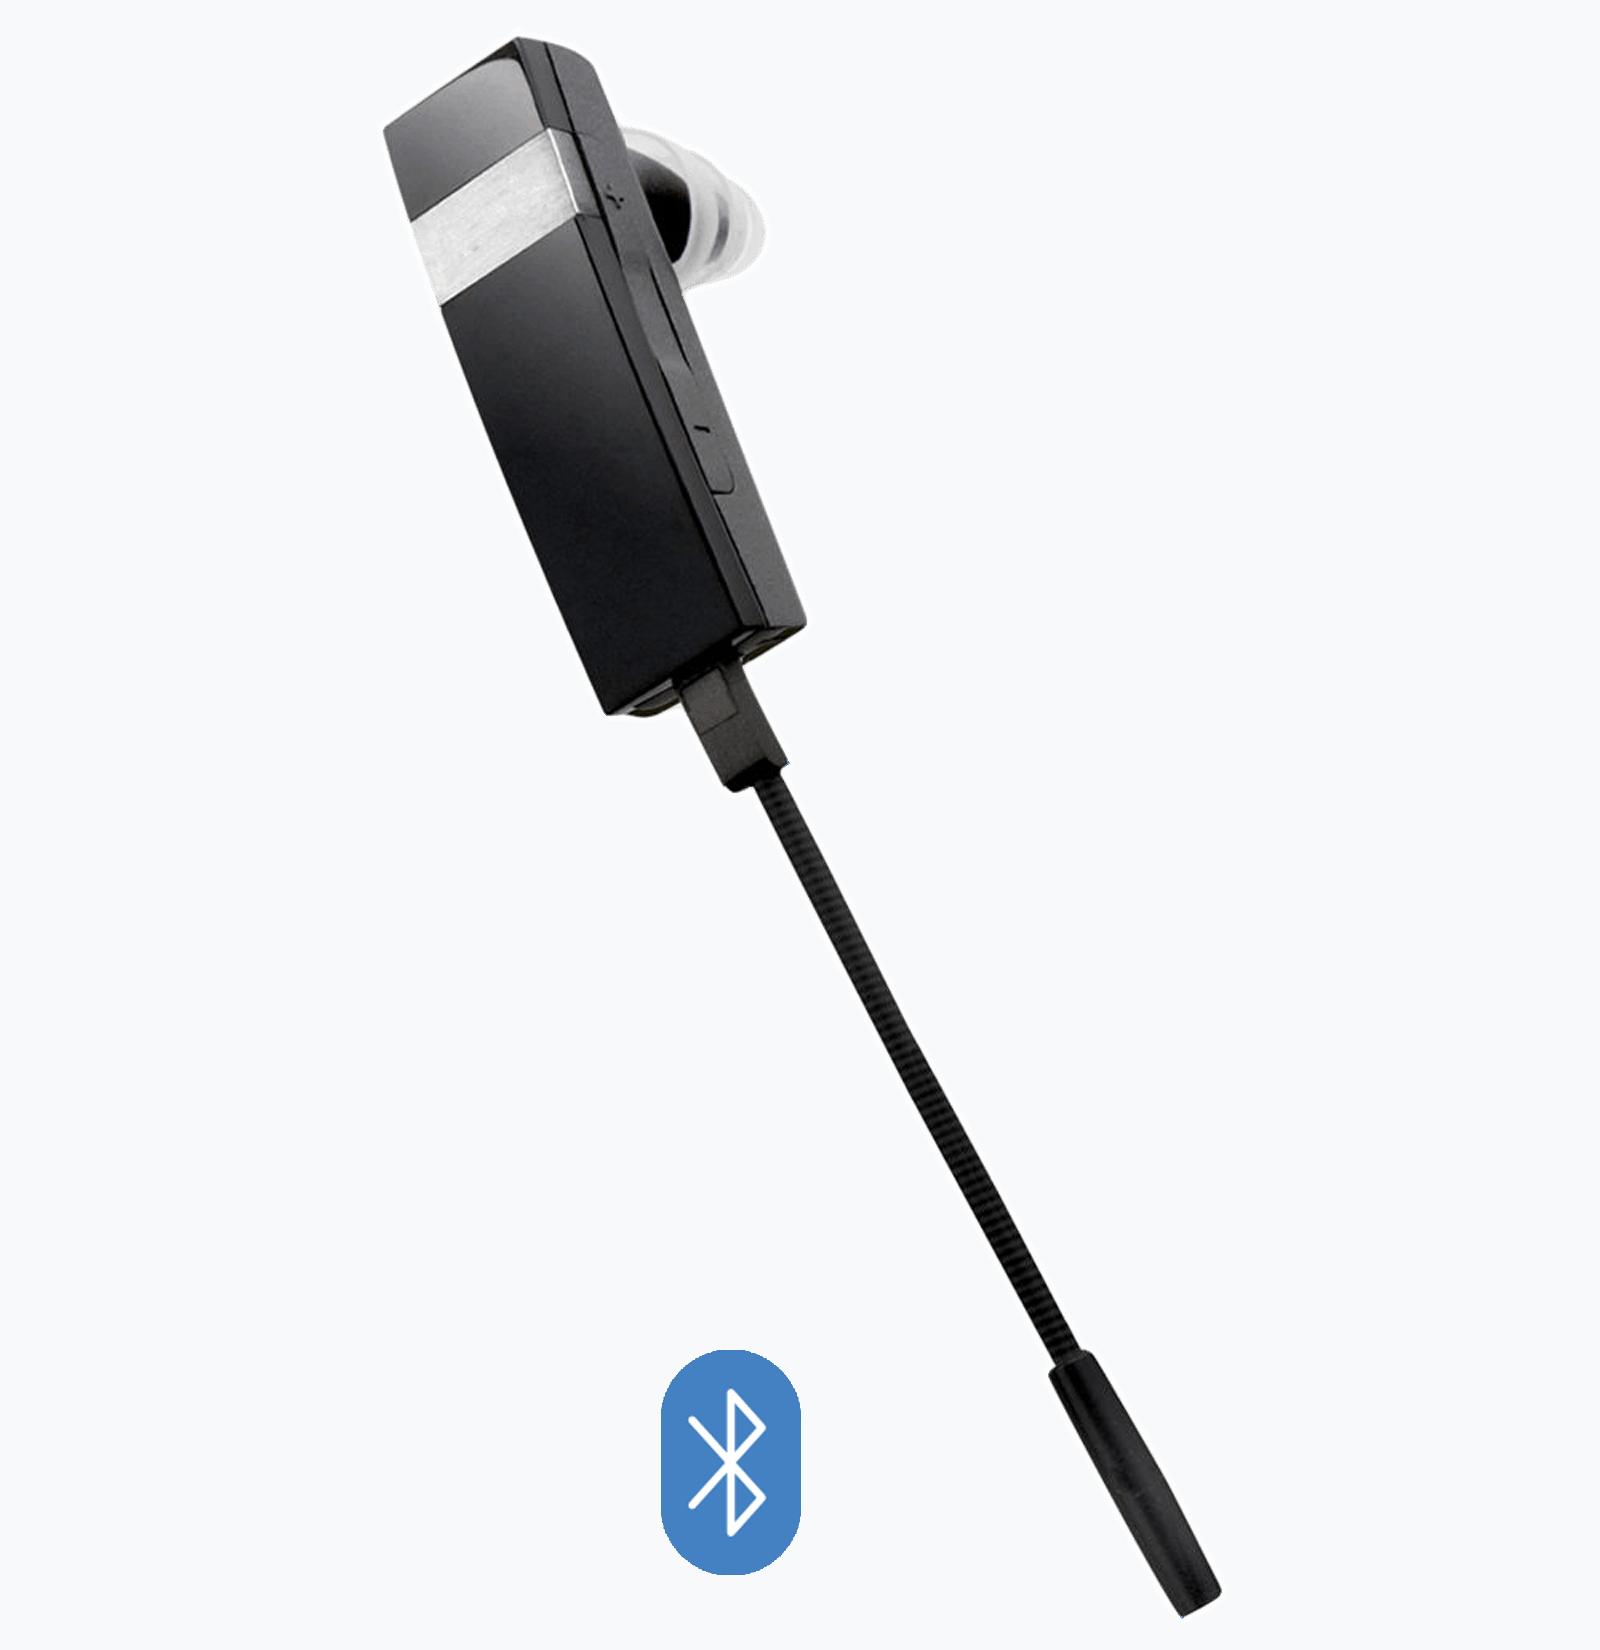 Bluetooth micro-earpiece